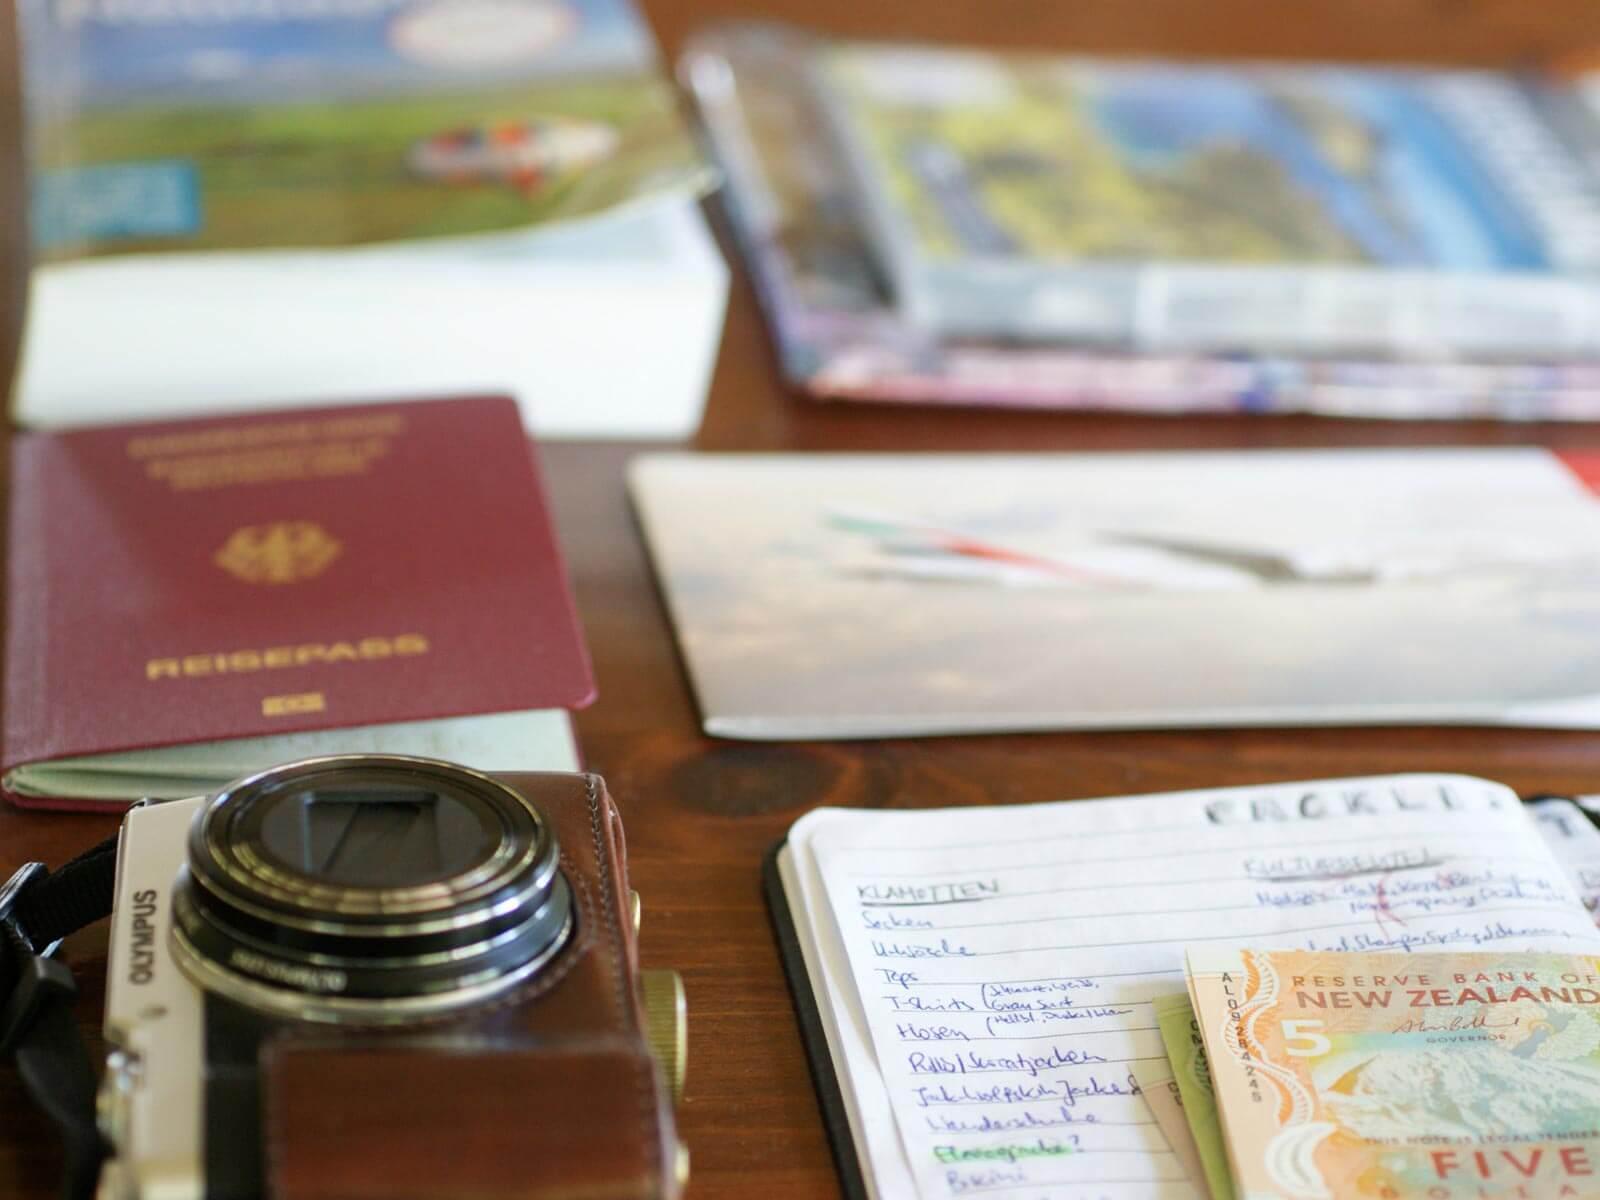 Reisepass, Kamera und Co. von Annie